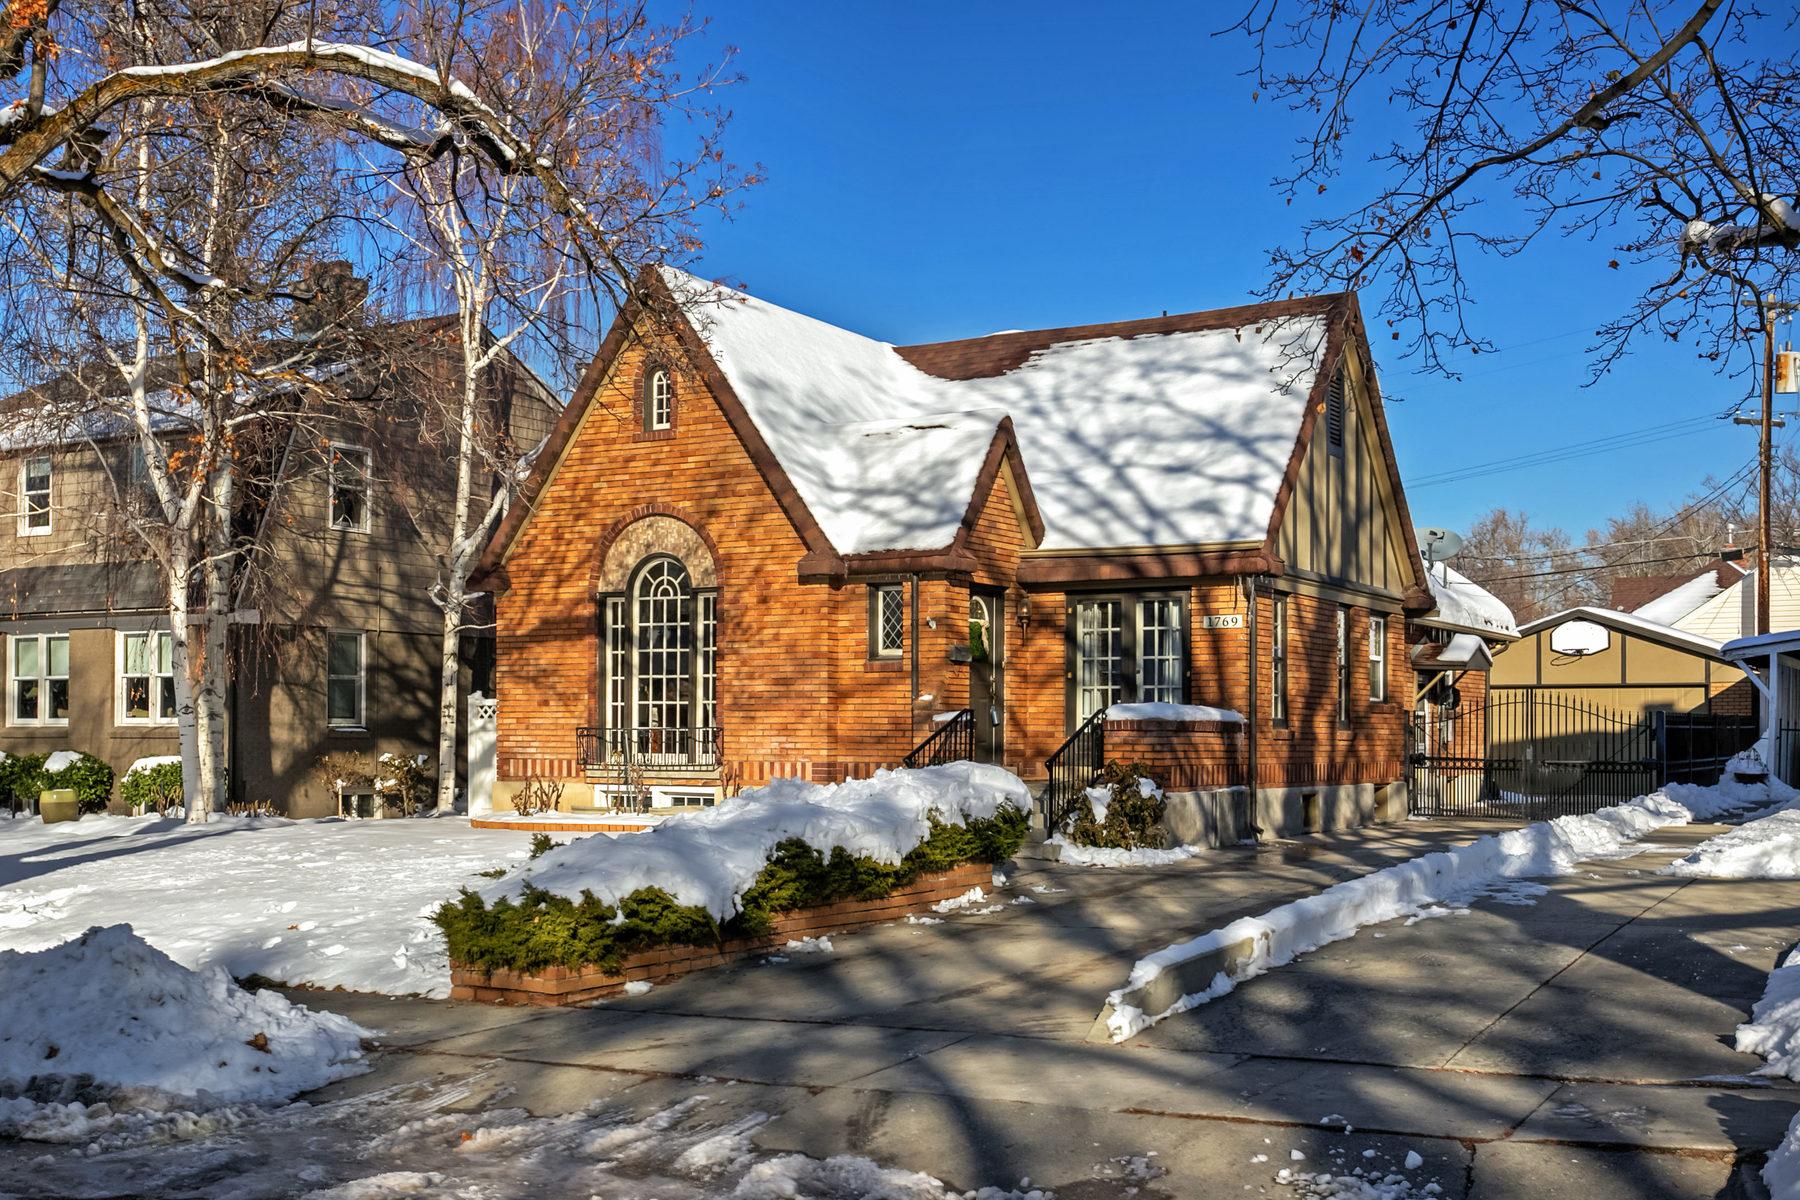 Single Family Home for Sale at Upper Yale Tudor 1769 E Herbert Ave Salt Lake City, Utah, 84108 United States